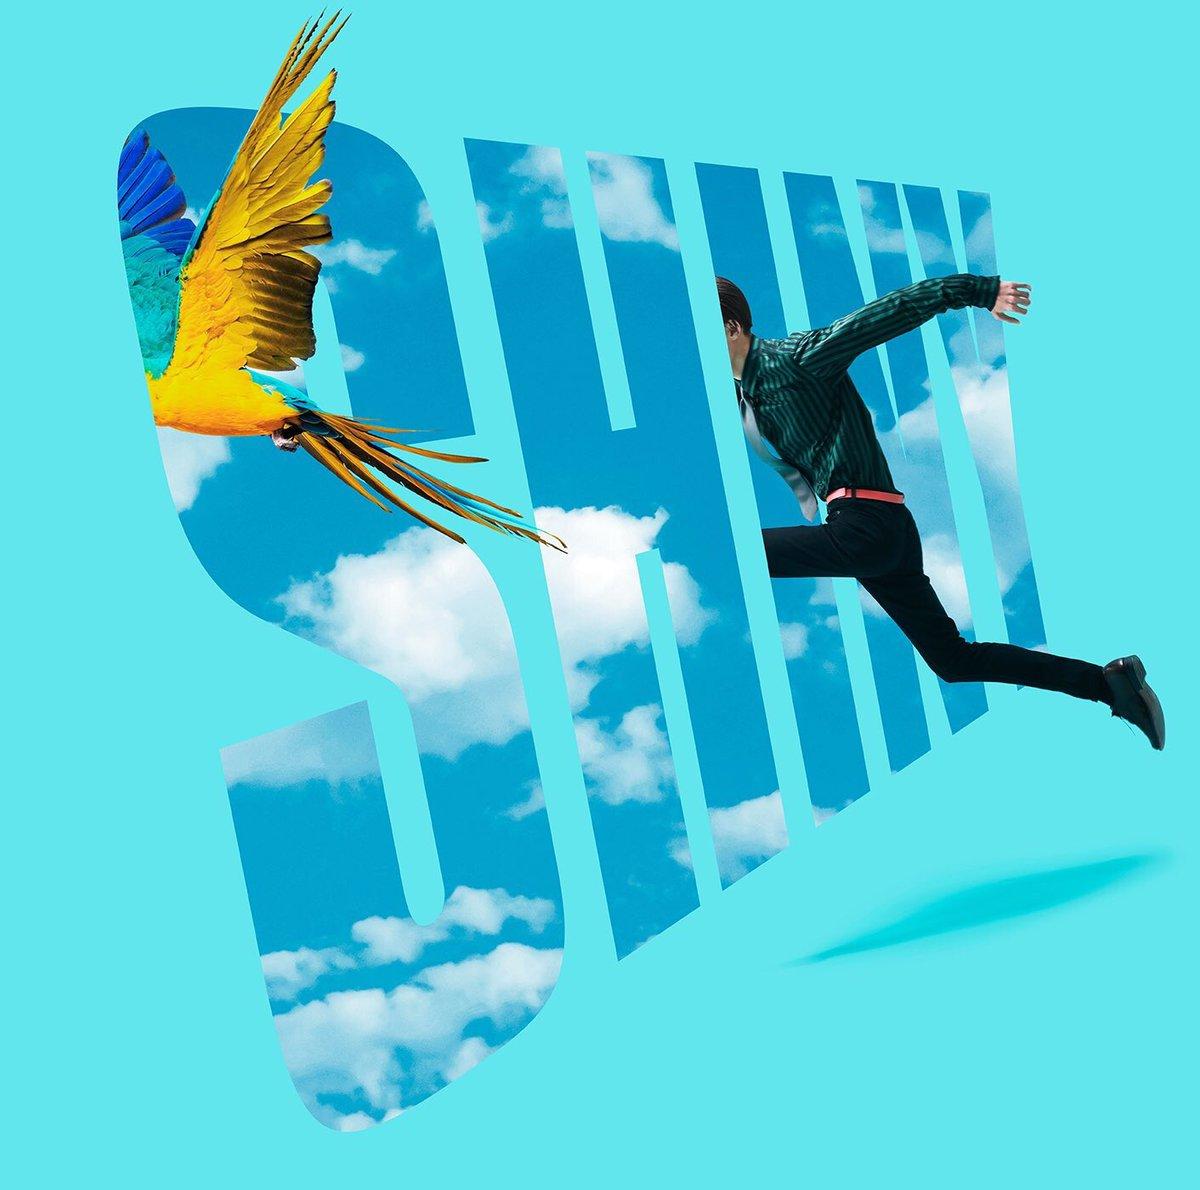 【本日店着日】夜の本気ダンス メジャー2ndシングル『SHINY E.P.』は4/26(水)発売🌟「SHINY」→『境界